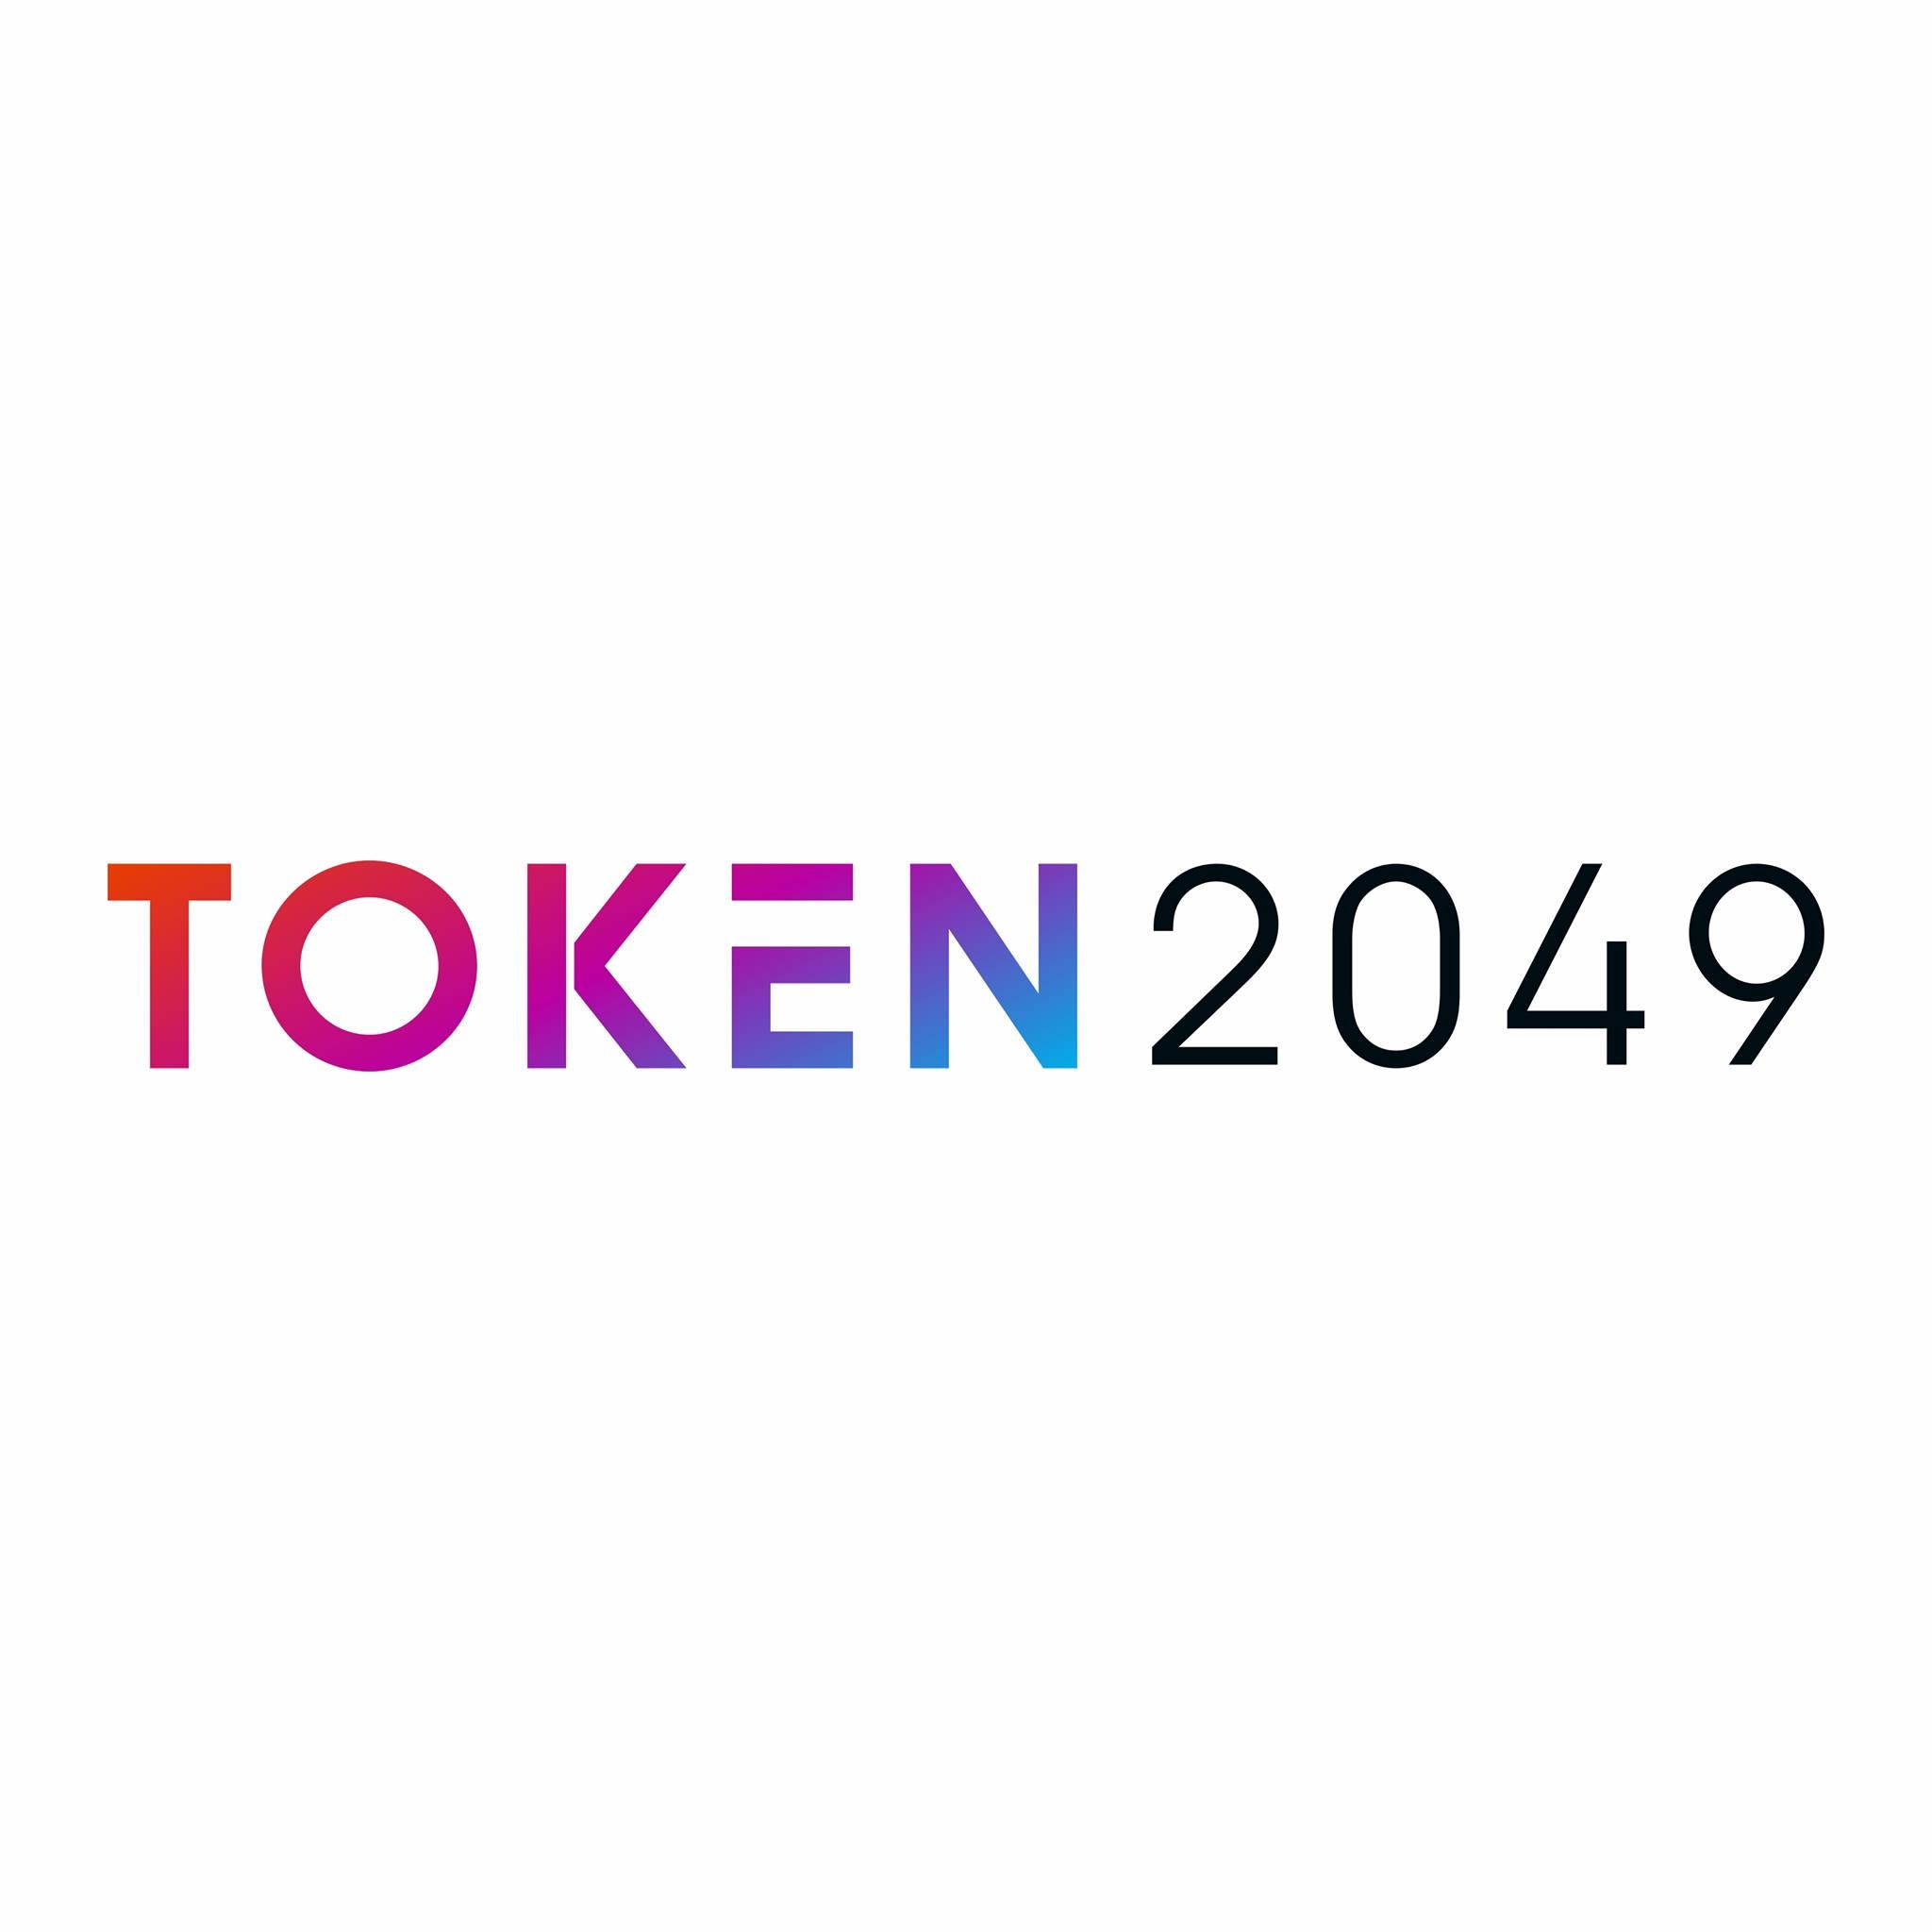 token 2049.jpg